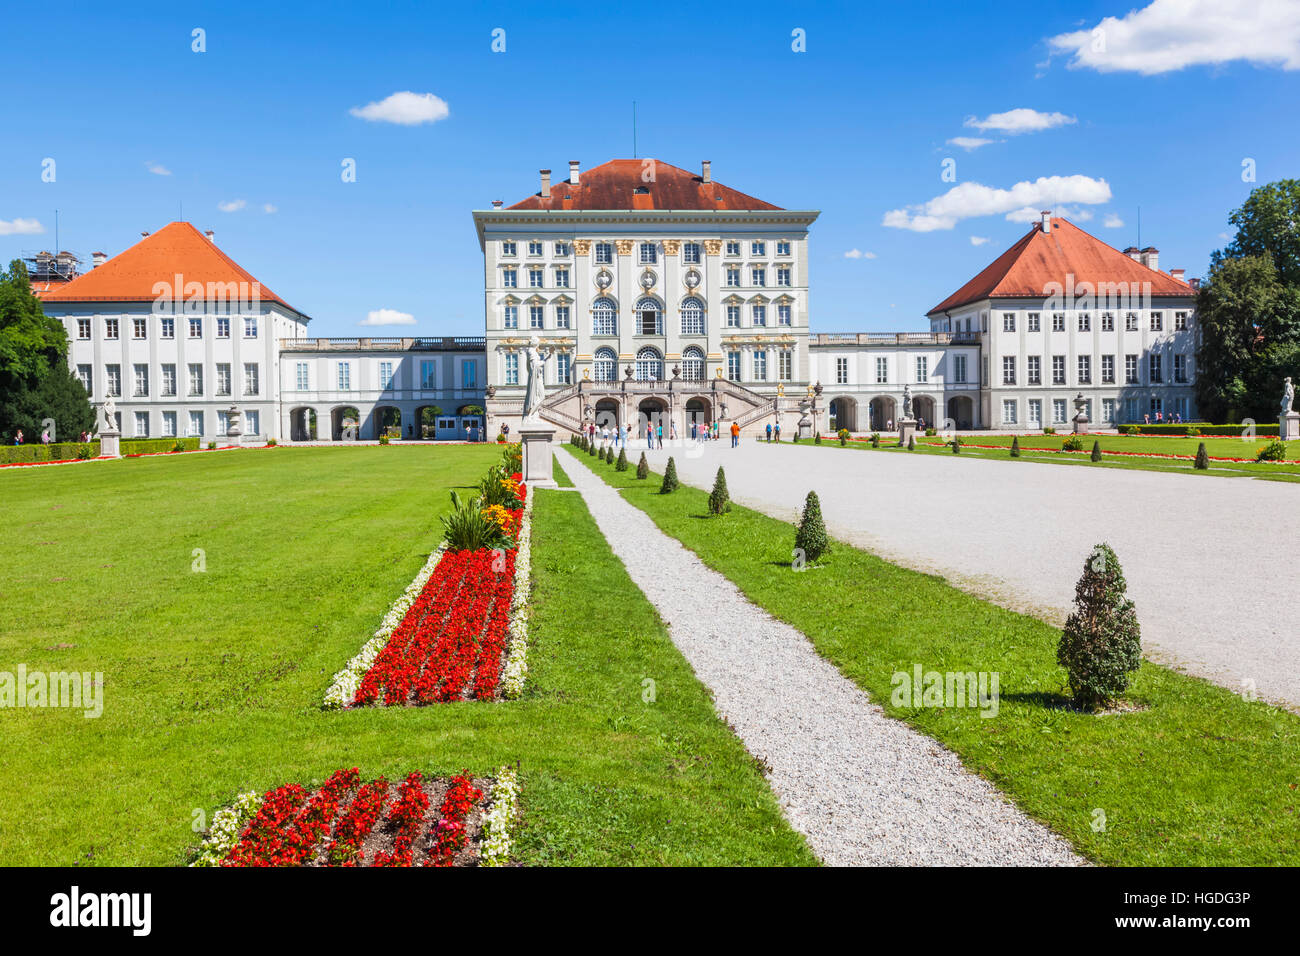 Germany, Bavaria, Munich, Nymphenburg Palace - Stock Image